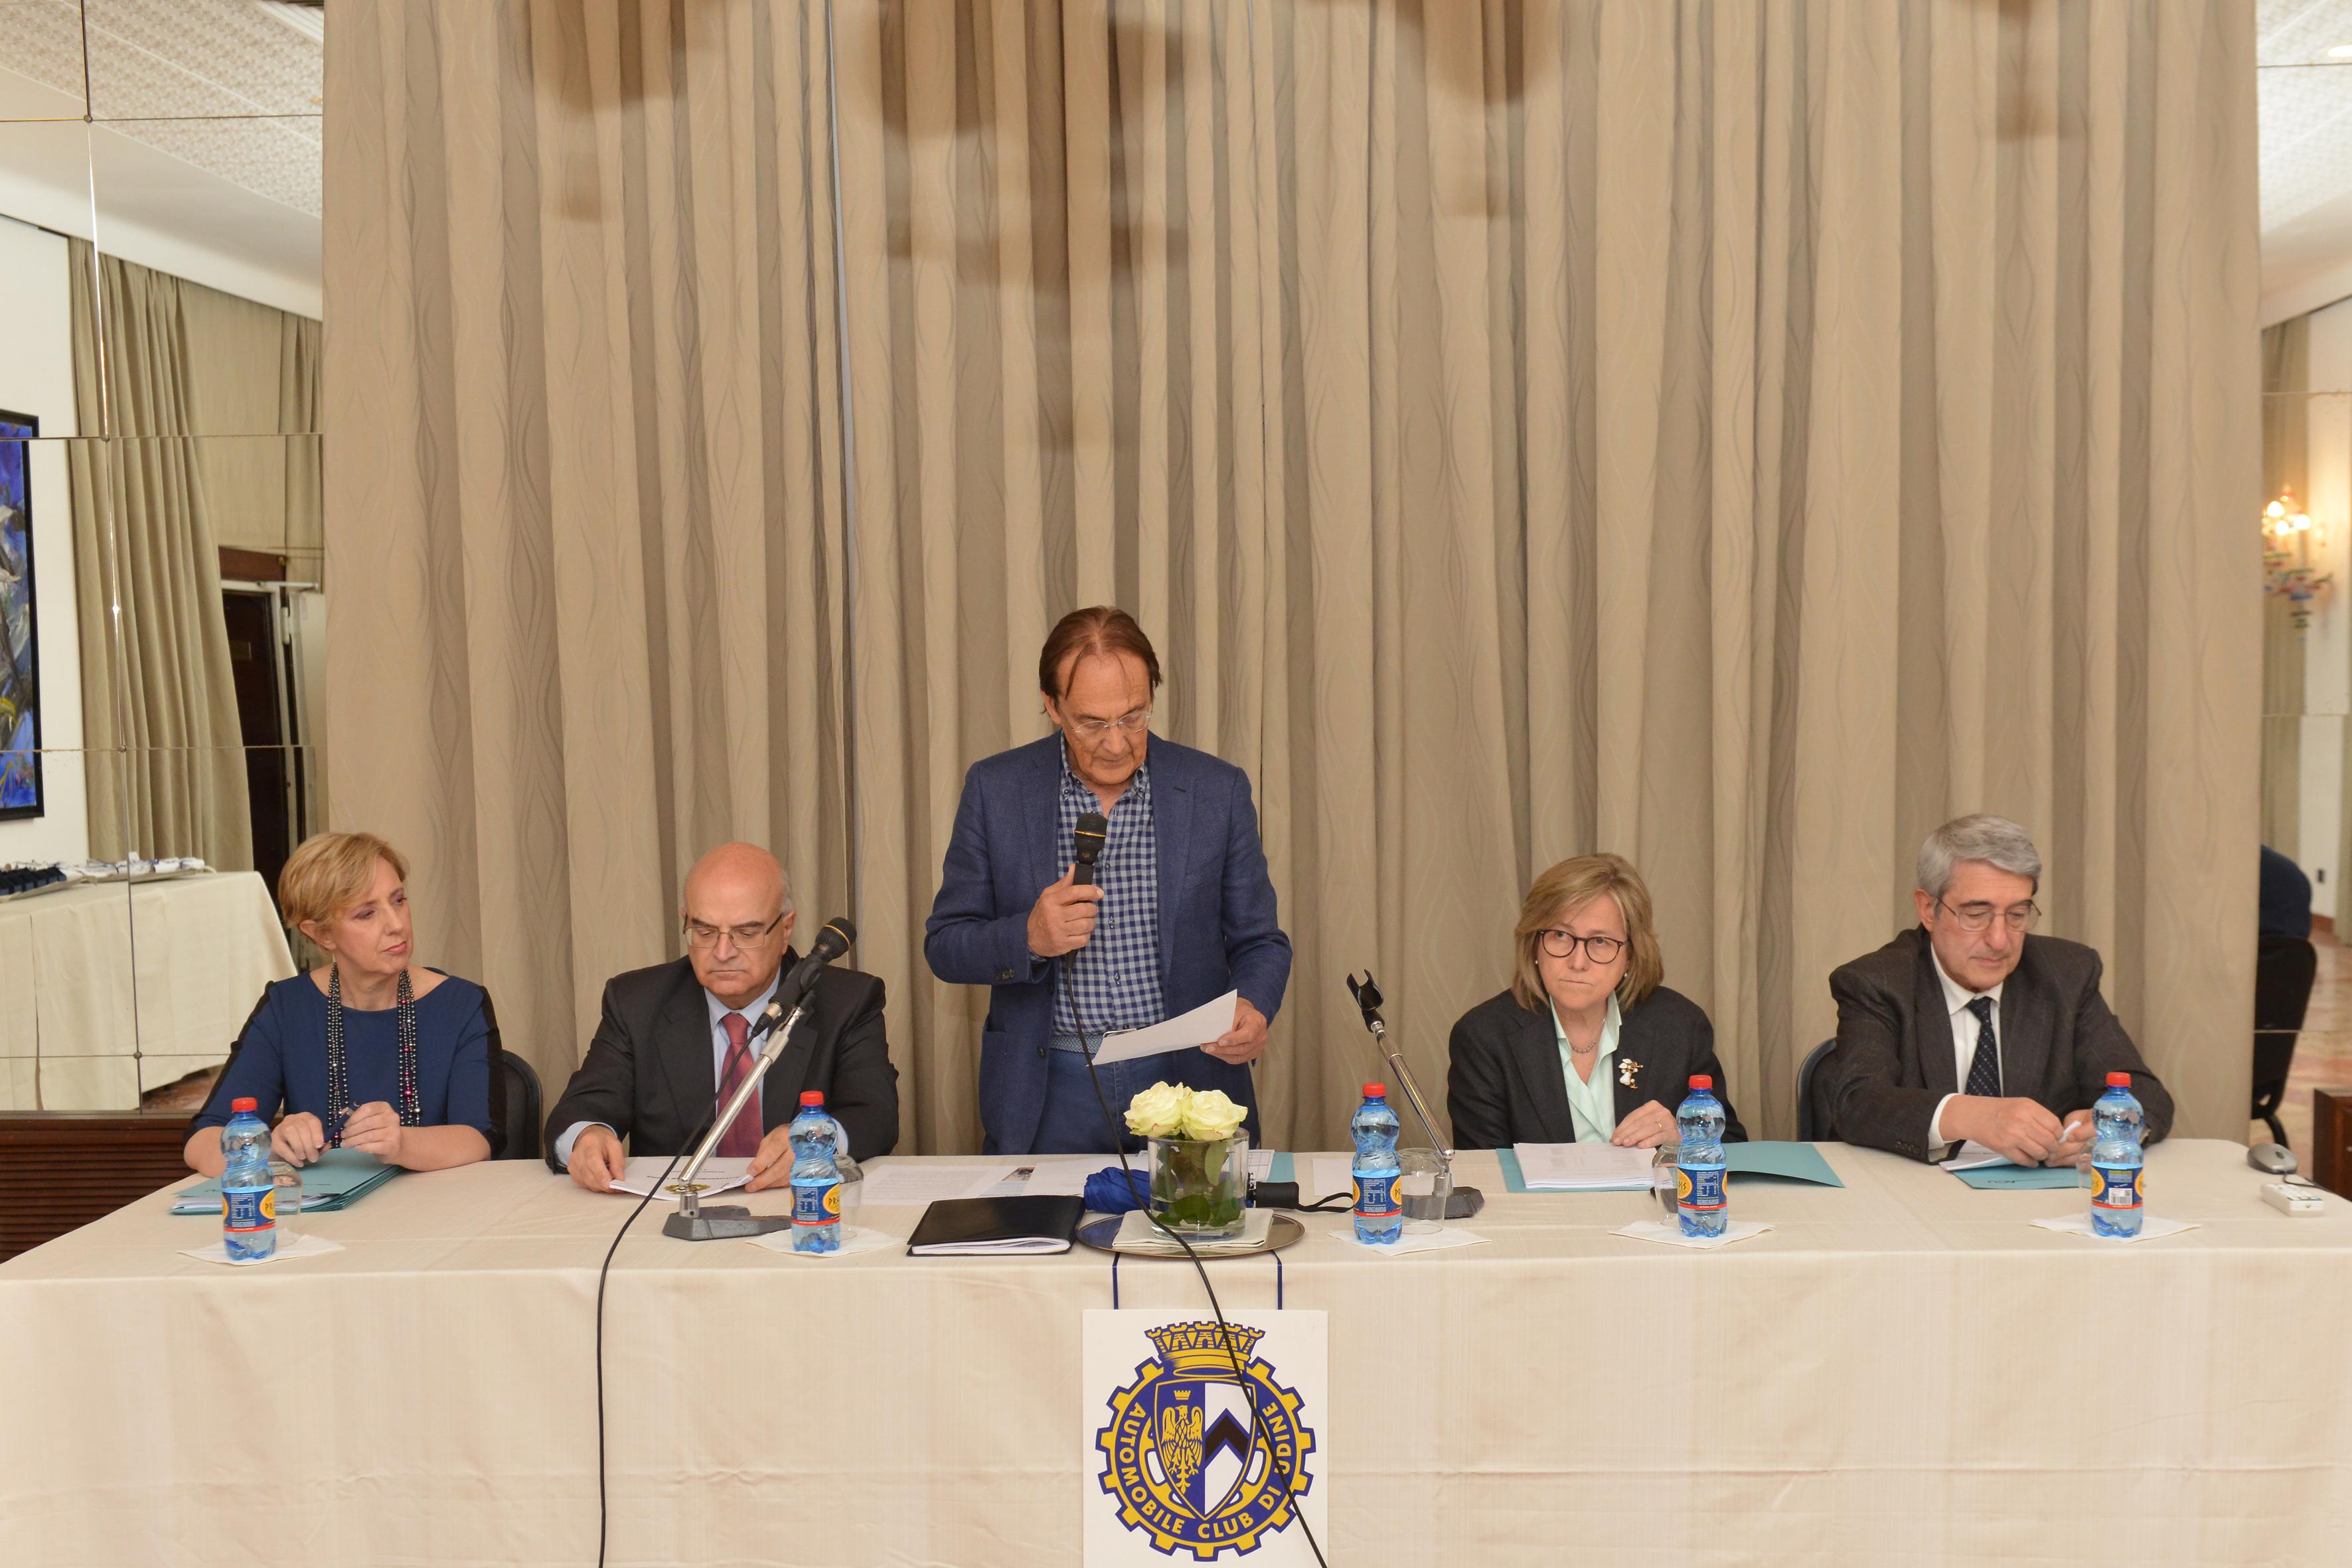 Insediato il Consiglio Direttivo per il quadriennio 2020/2024